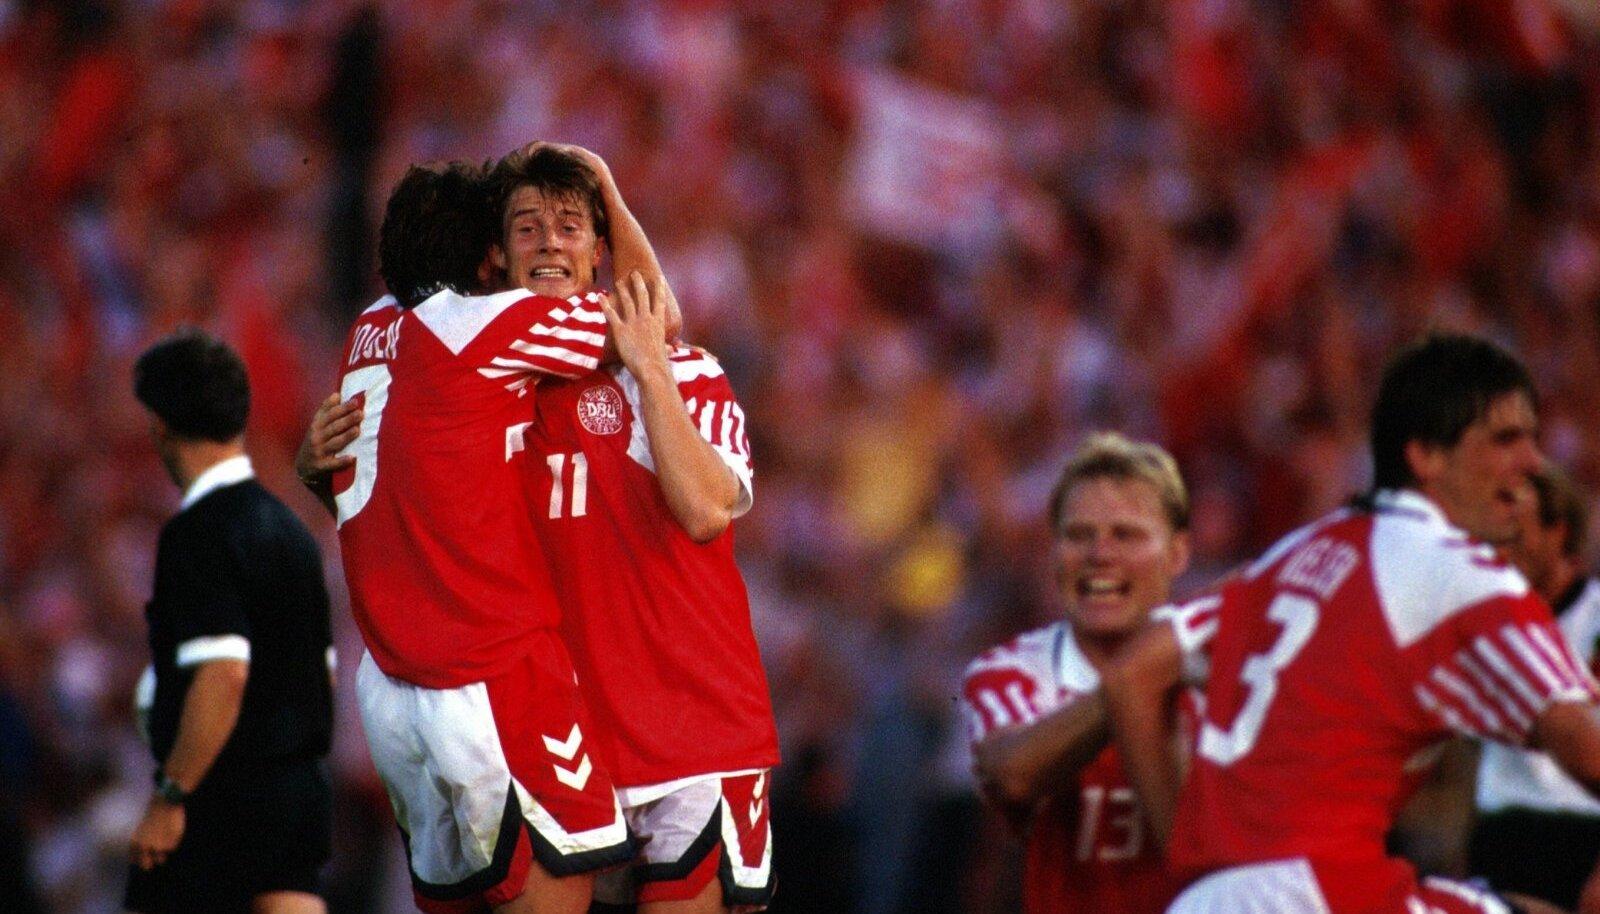 Taani koondise suurim staar oli 1992. aastal Brian Laudrup (nr 11). Tema veelgi kuulsam vend Michael jäi tüli tõttu EM-ist eemale.